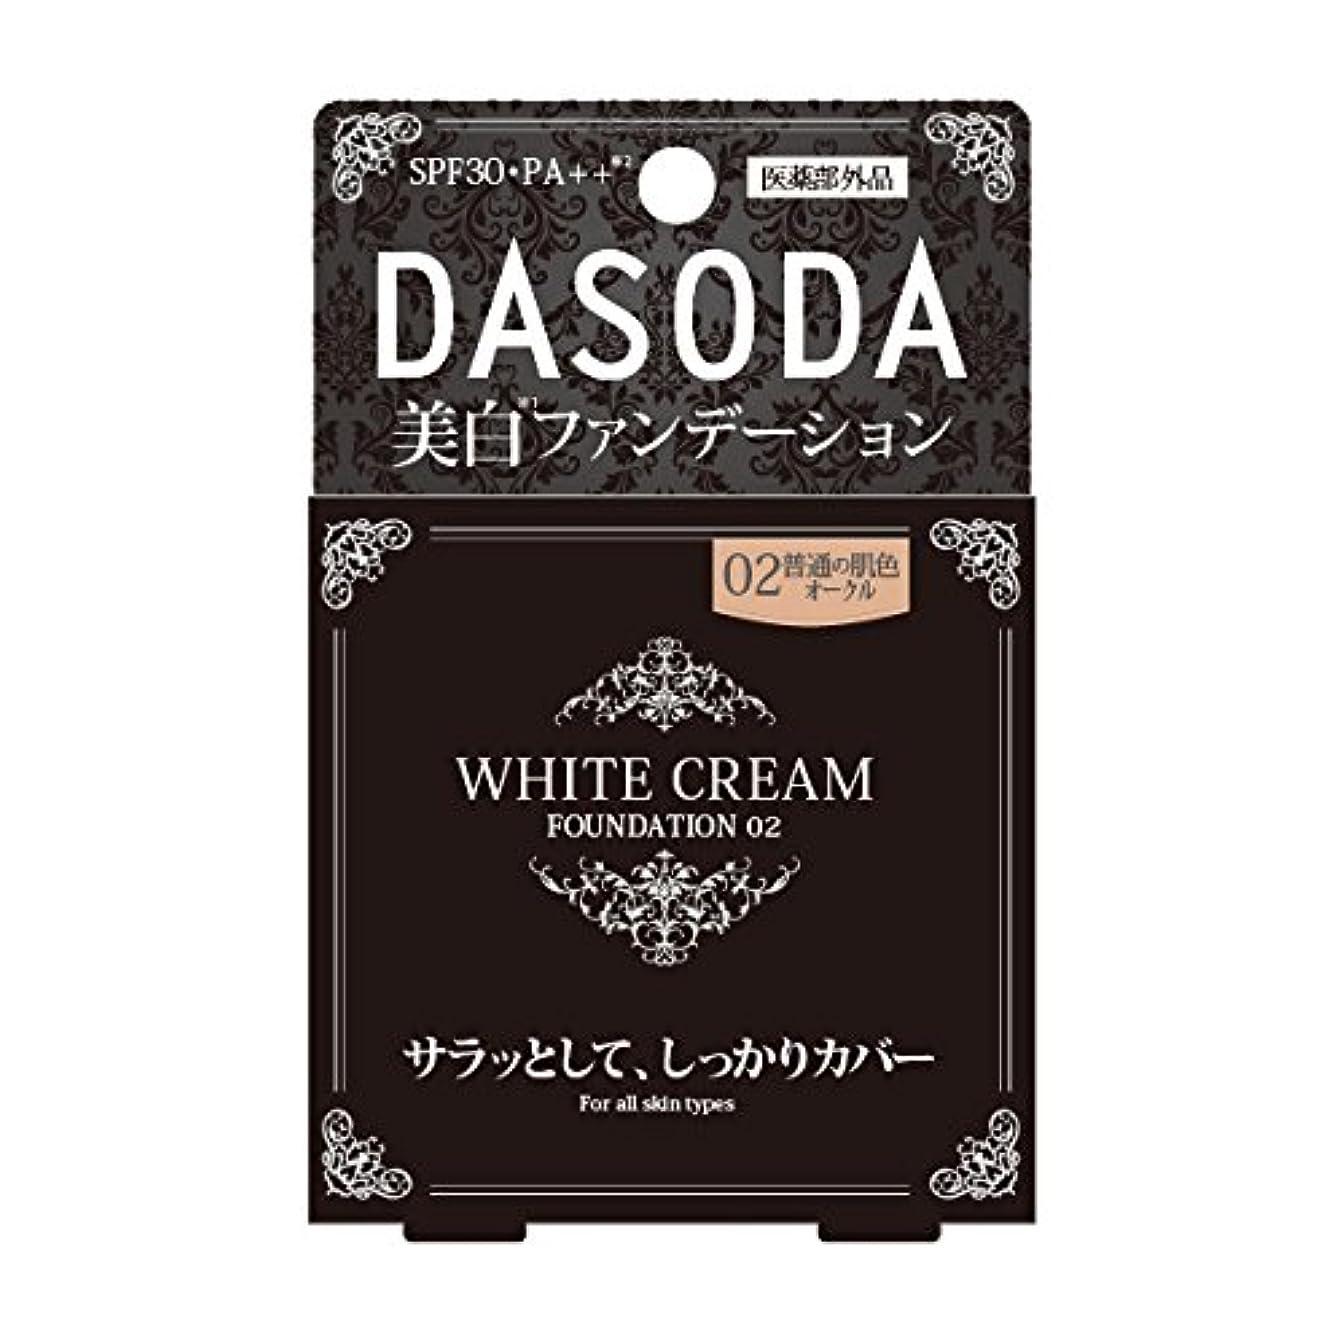 解決贅沢電気的ダソダ エフシー ホワイトクリームファンデーション 02 オークル 8g